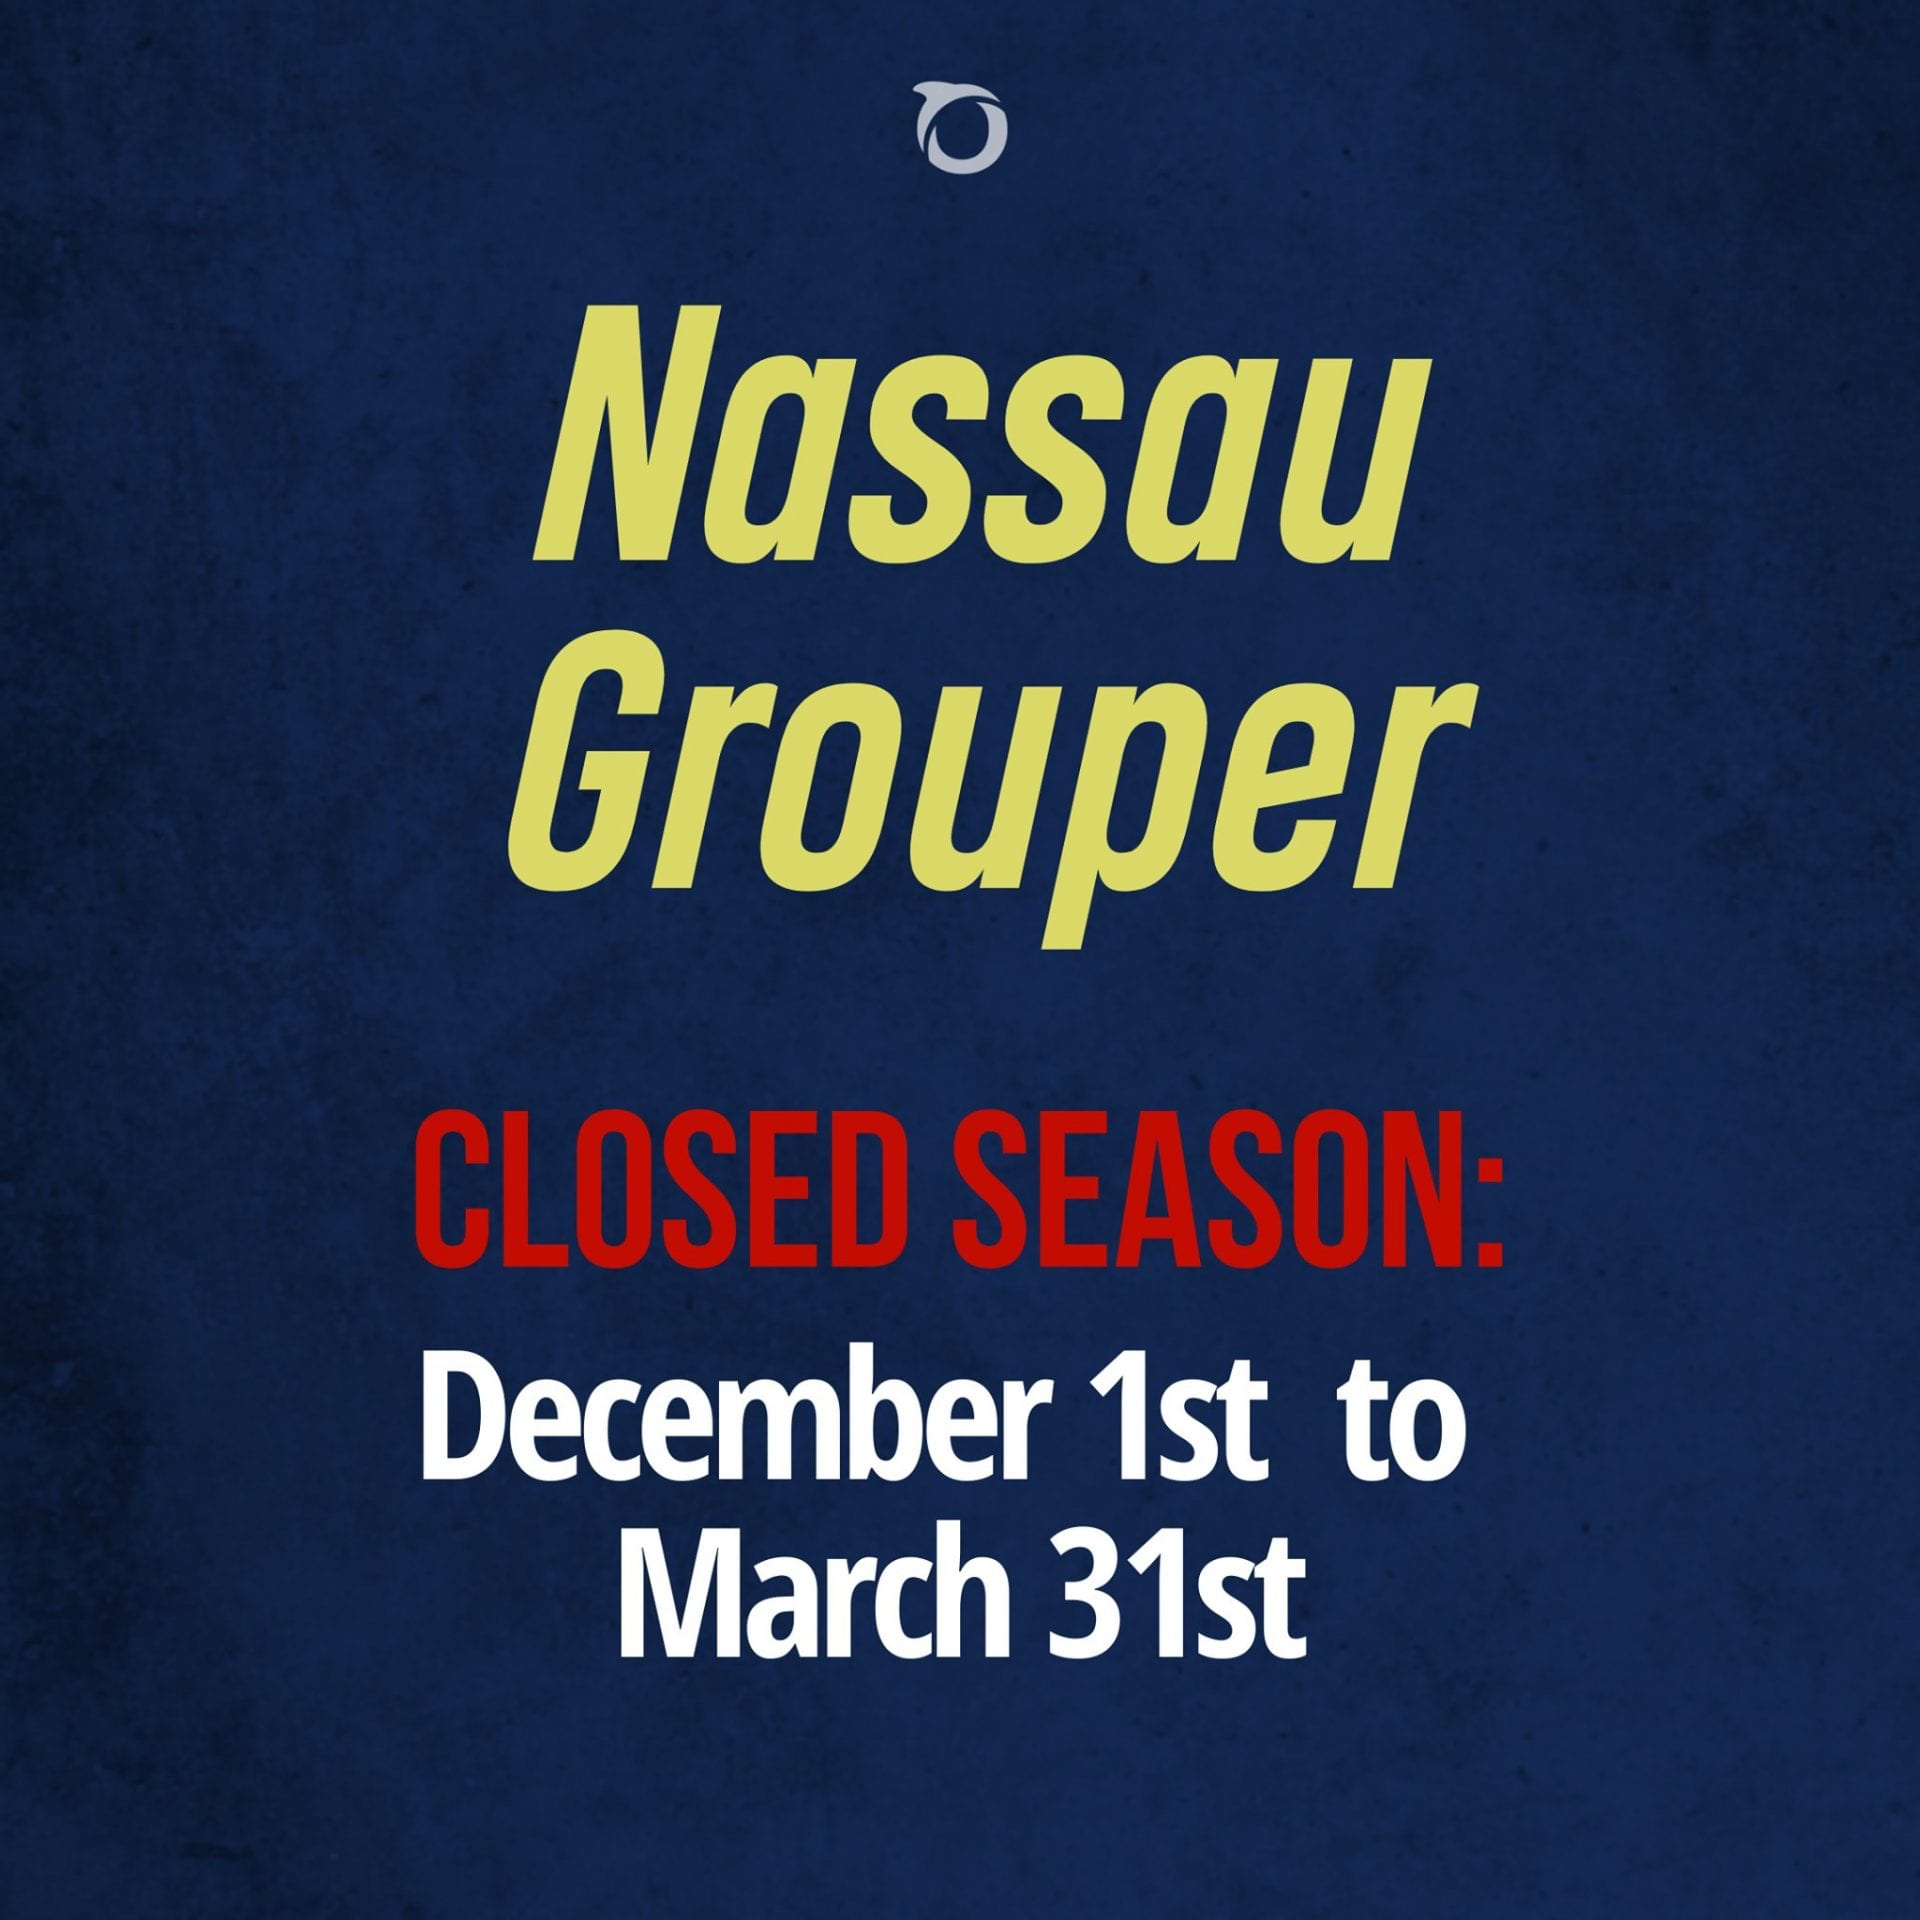 nassau grouper season